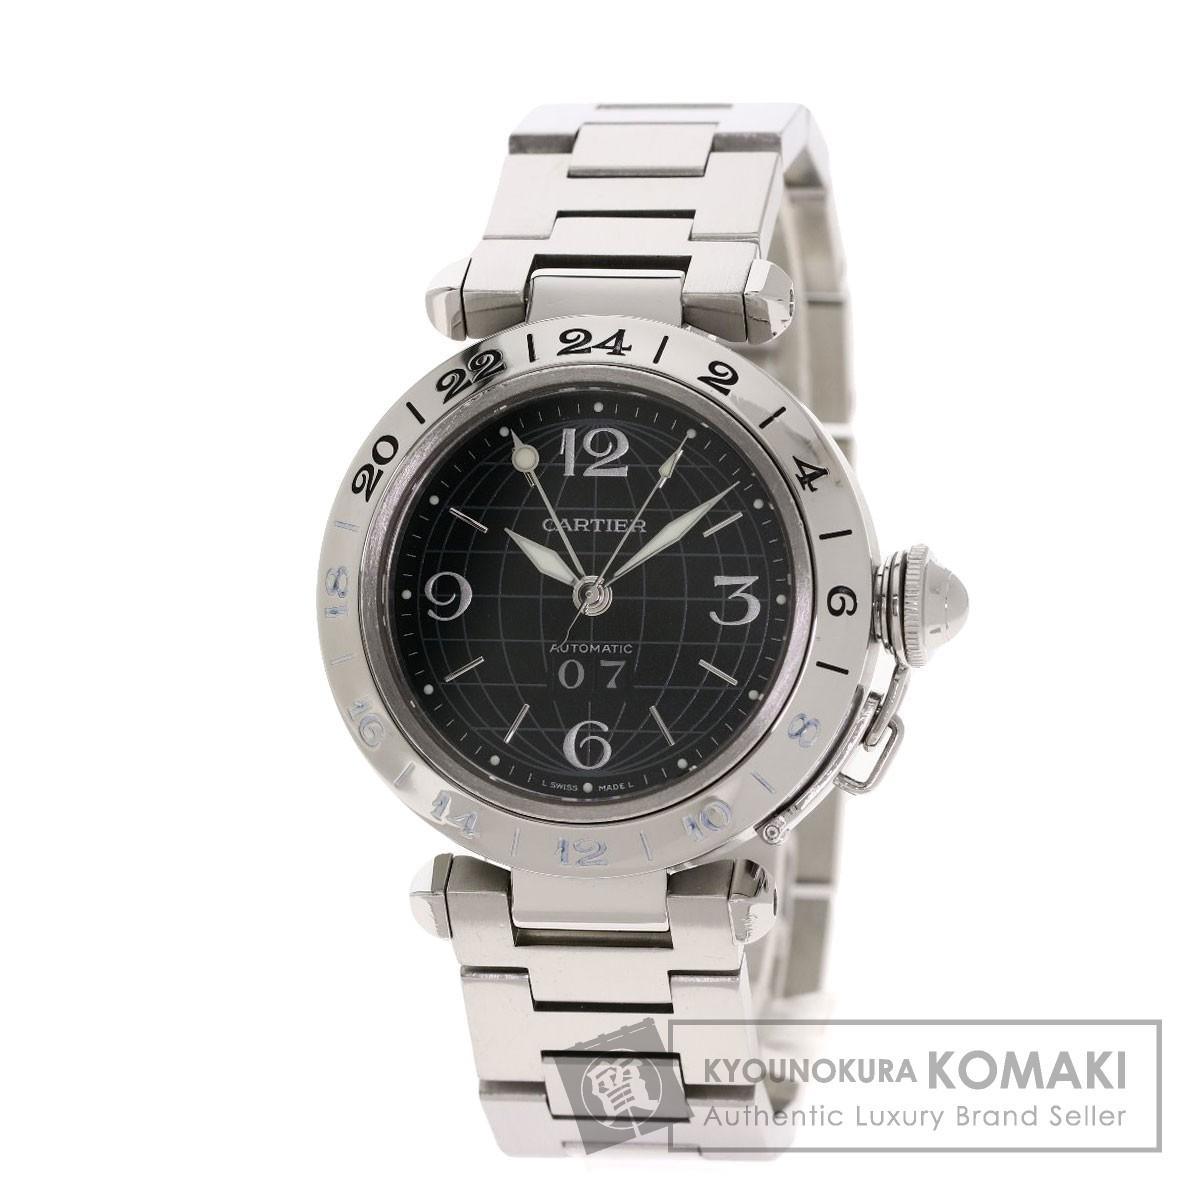 カルティエ W31049M7 パシャC メリディアン 腕時計 OH済 ステンレススチール/SS ボーイズ 【中古】【CARTIER】